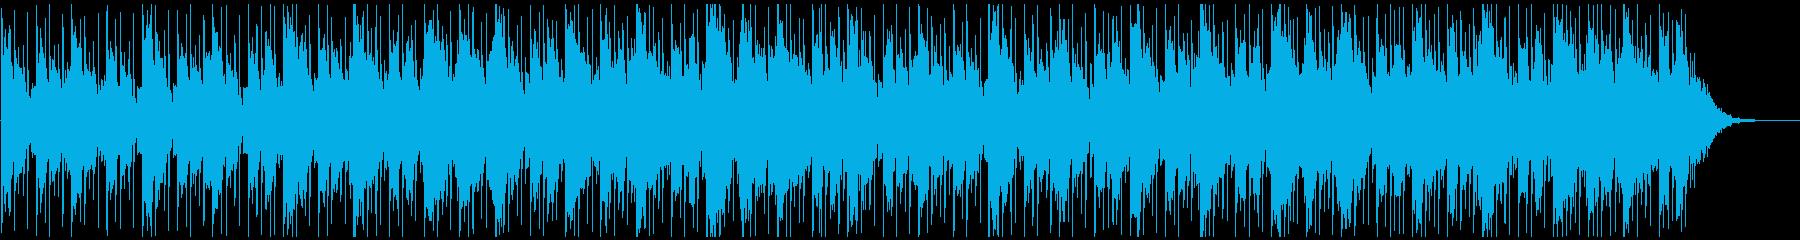 ニューエイジ系BGM(ブレイクなし)の再生済みの波形